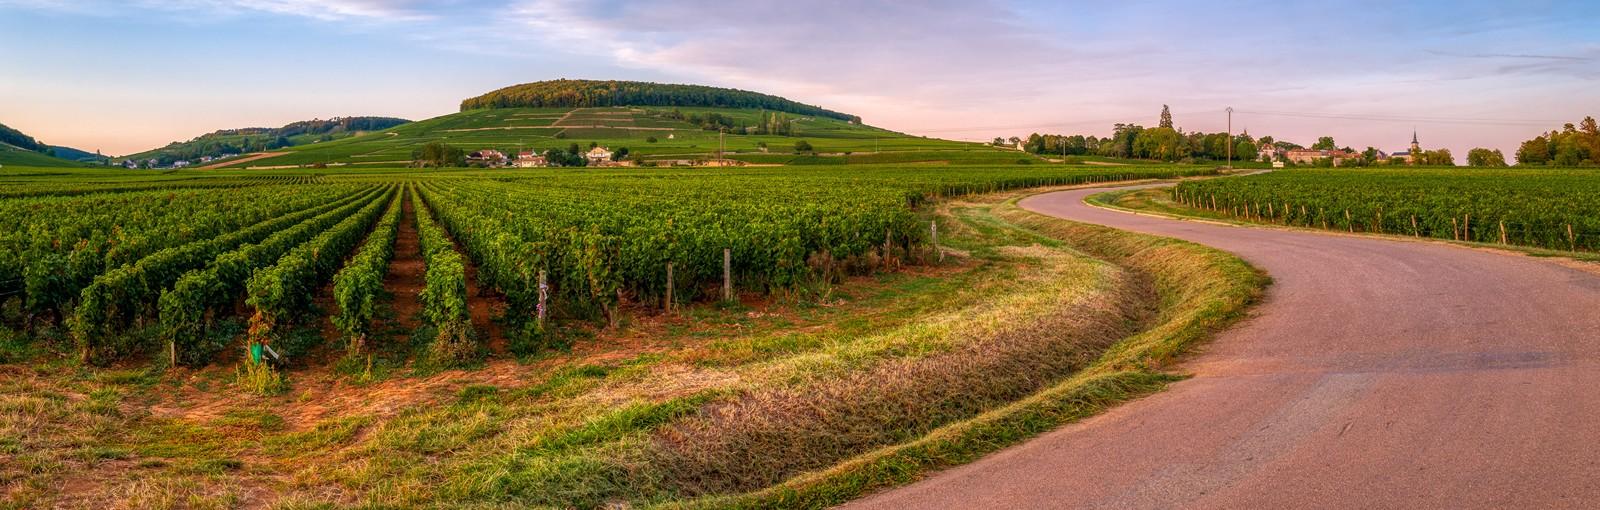 Tours 2 jours en Bourgogne: Dijon et la Route des Grands Crus - Bourgogne - Circuits au départ de Paris